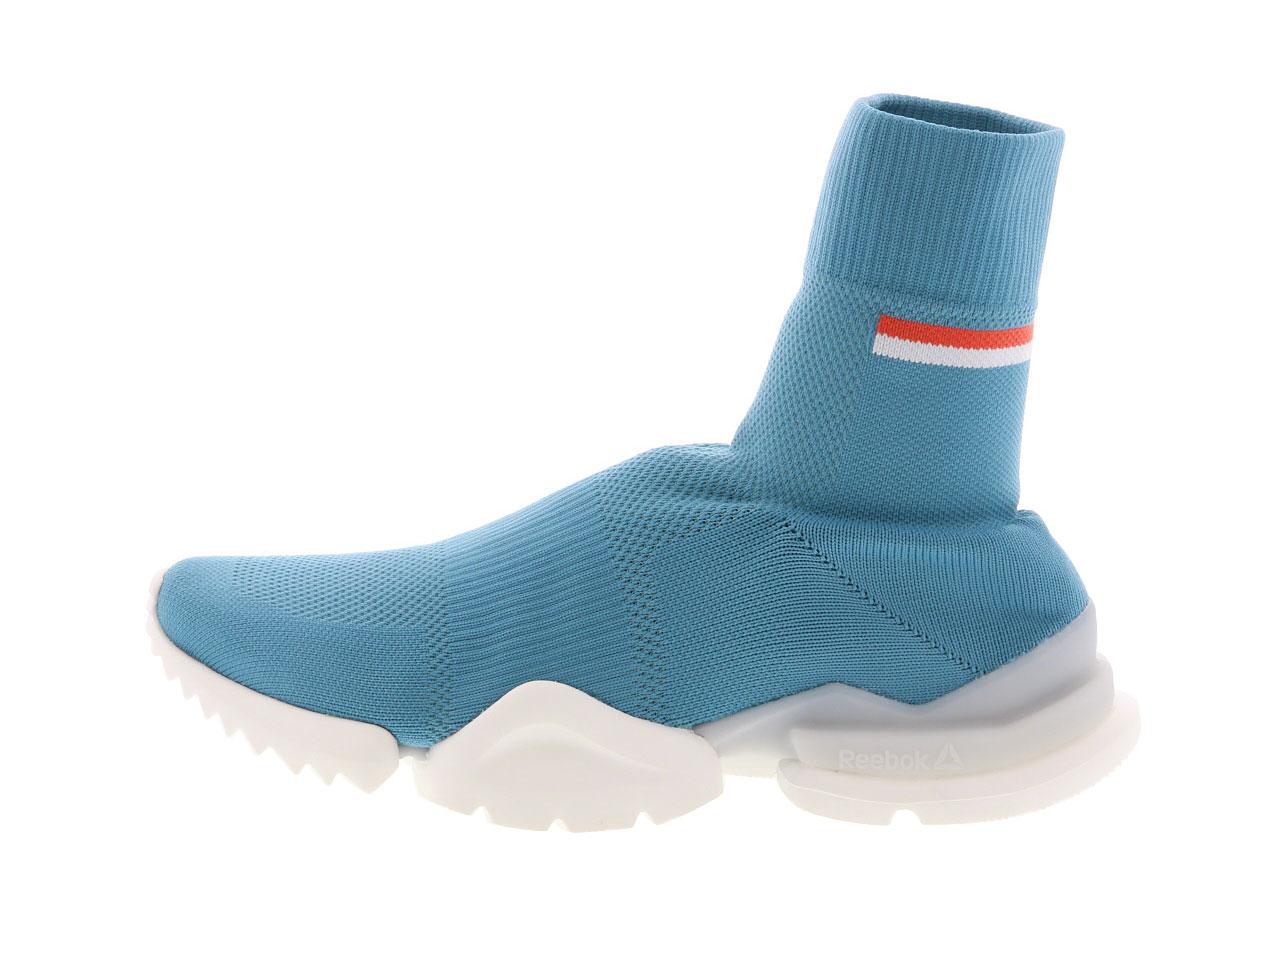 【全品ポイント10倍!期間限定★今すぐエントリー!(4/1~4/30)】Reebok SOCK RUN R(DV5544)【リーボック【メンズファッション】【シューズ】【スニーカー】【靴】【フットウェア】